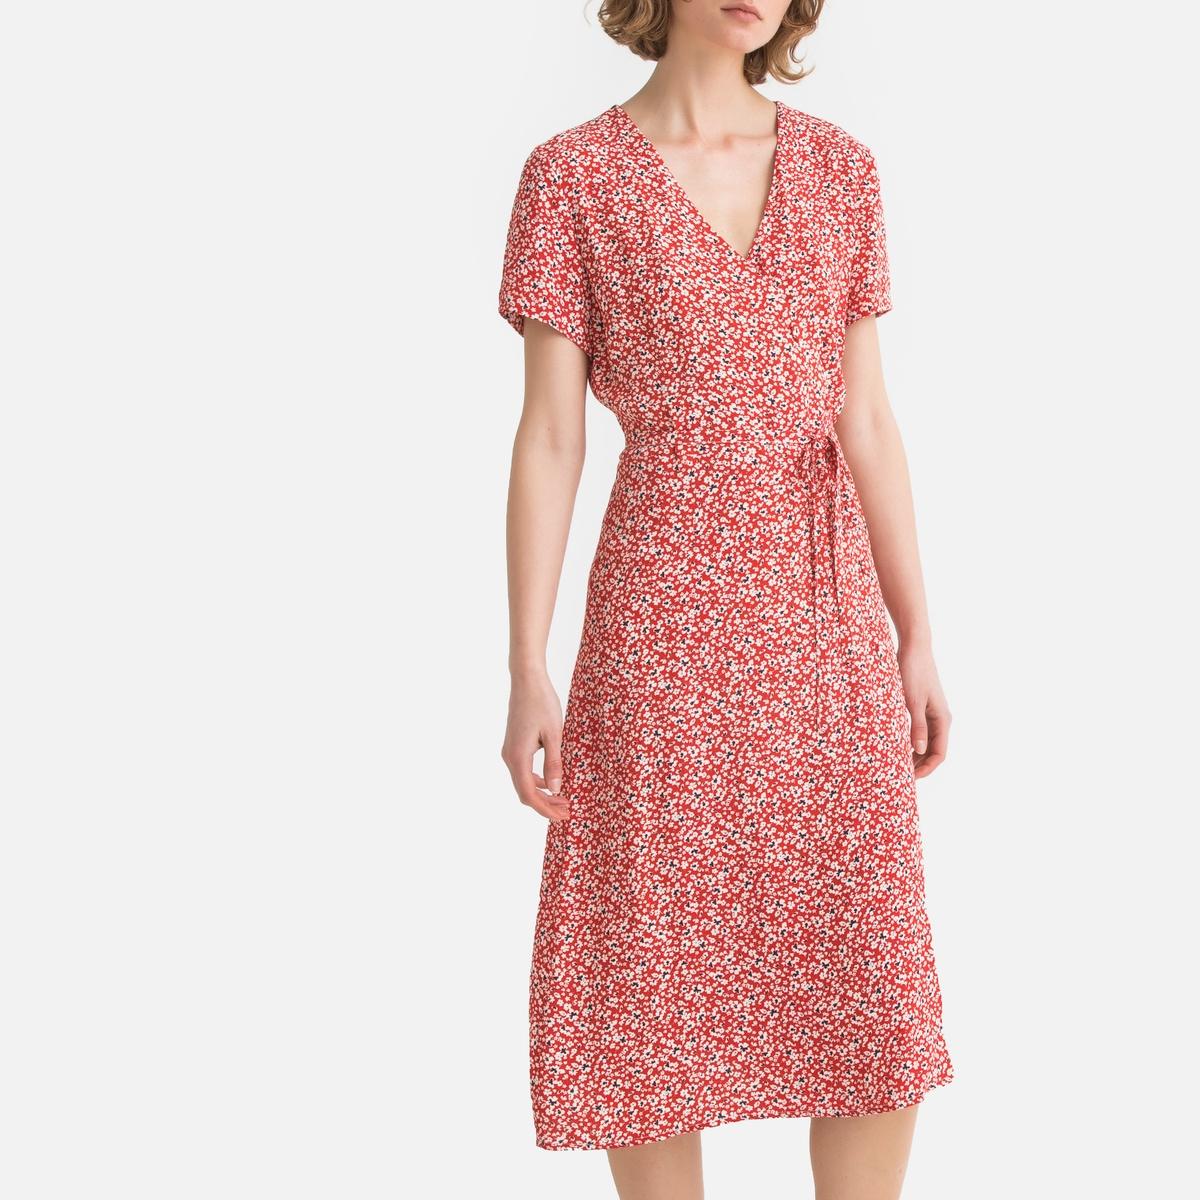 Платье La Redoute С запахом с цветочным рисунком 40 (FR) - 46 (RUS) разноцветный платье миди la redoute с запахом с цветочным принтом 54 fr 60 rus другие